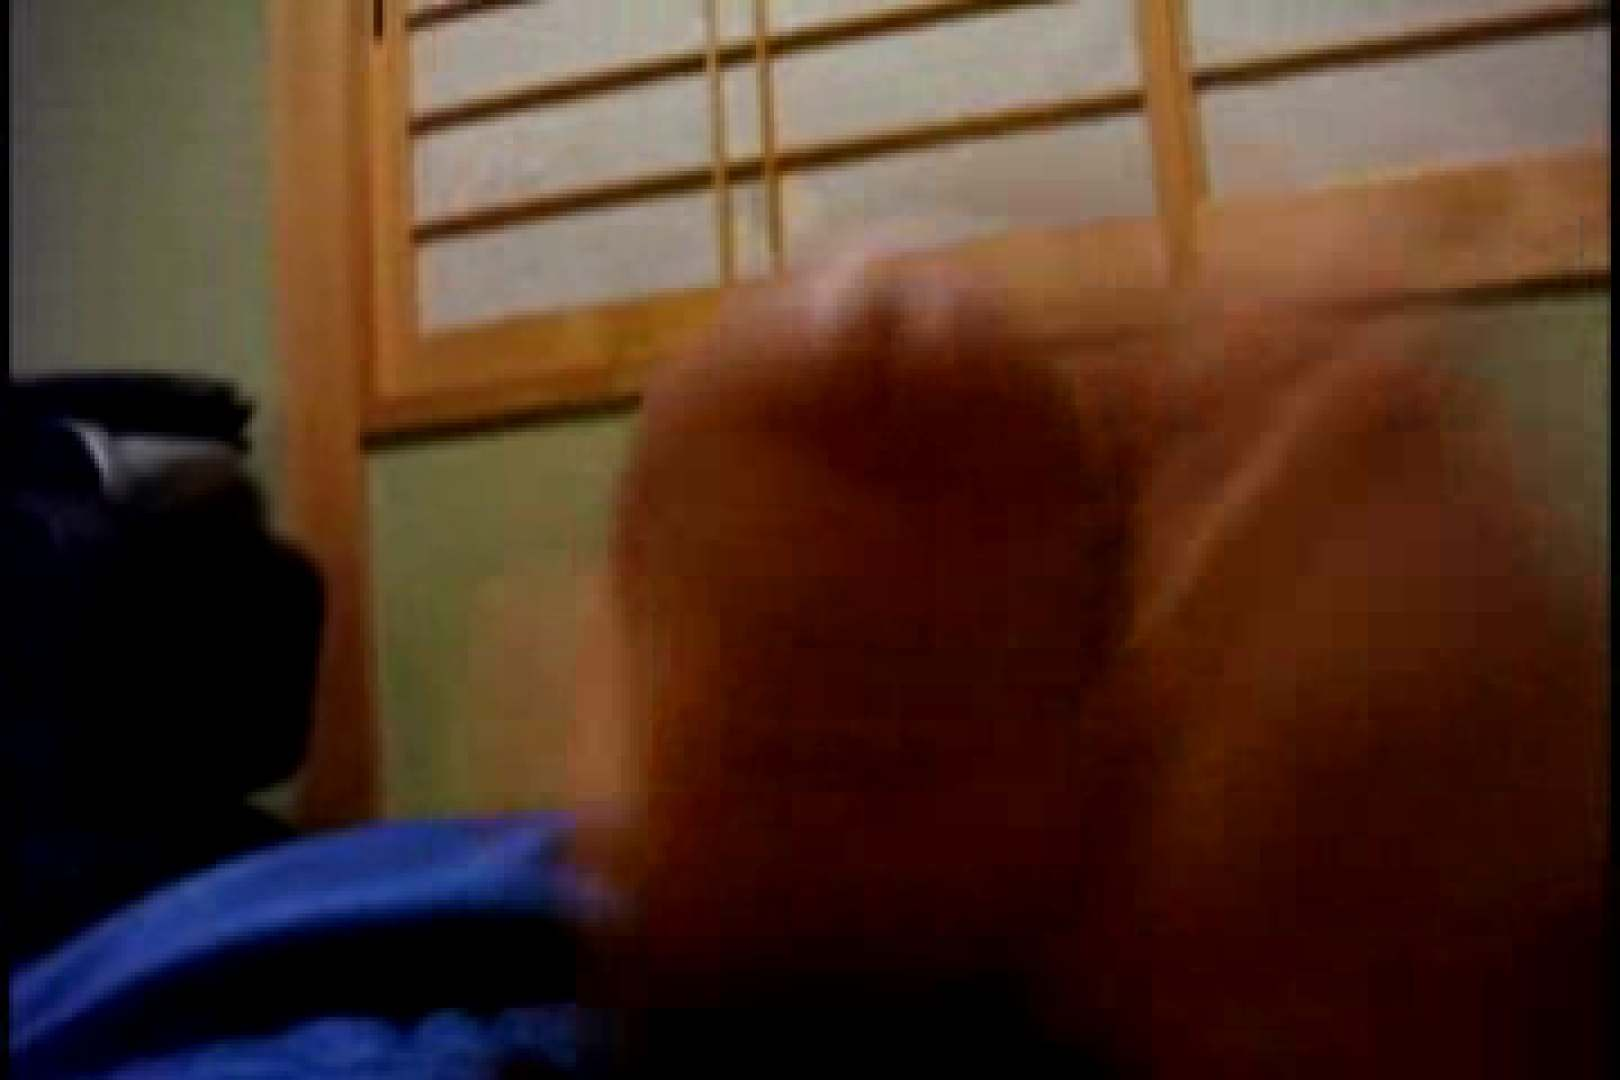 オナ好きノンケテニス部員の自画撮り投稿vol.02 射精特集 ゲイフリーエロ画像 77枚 60